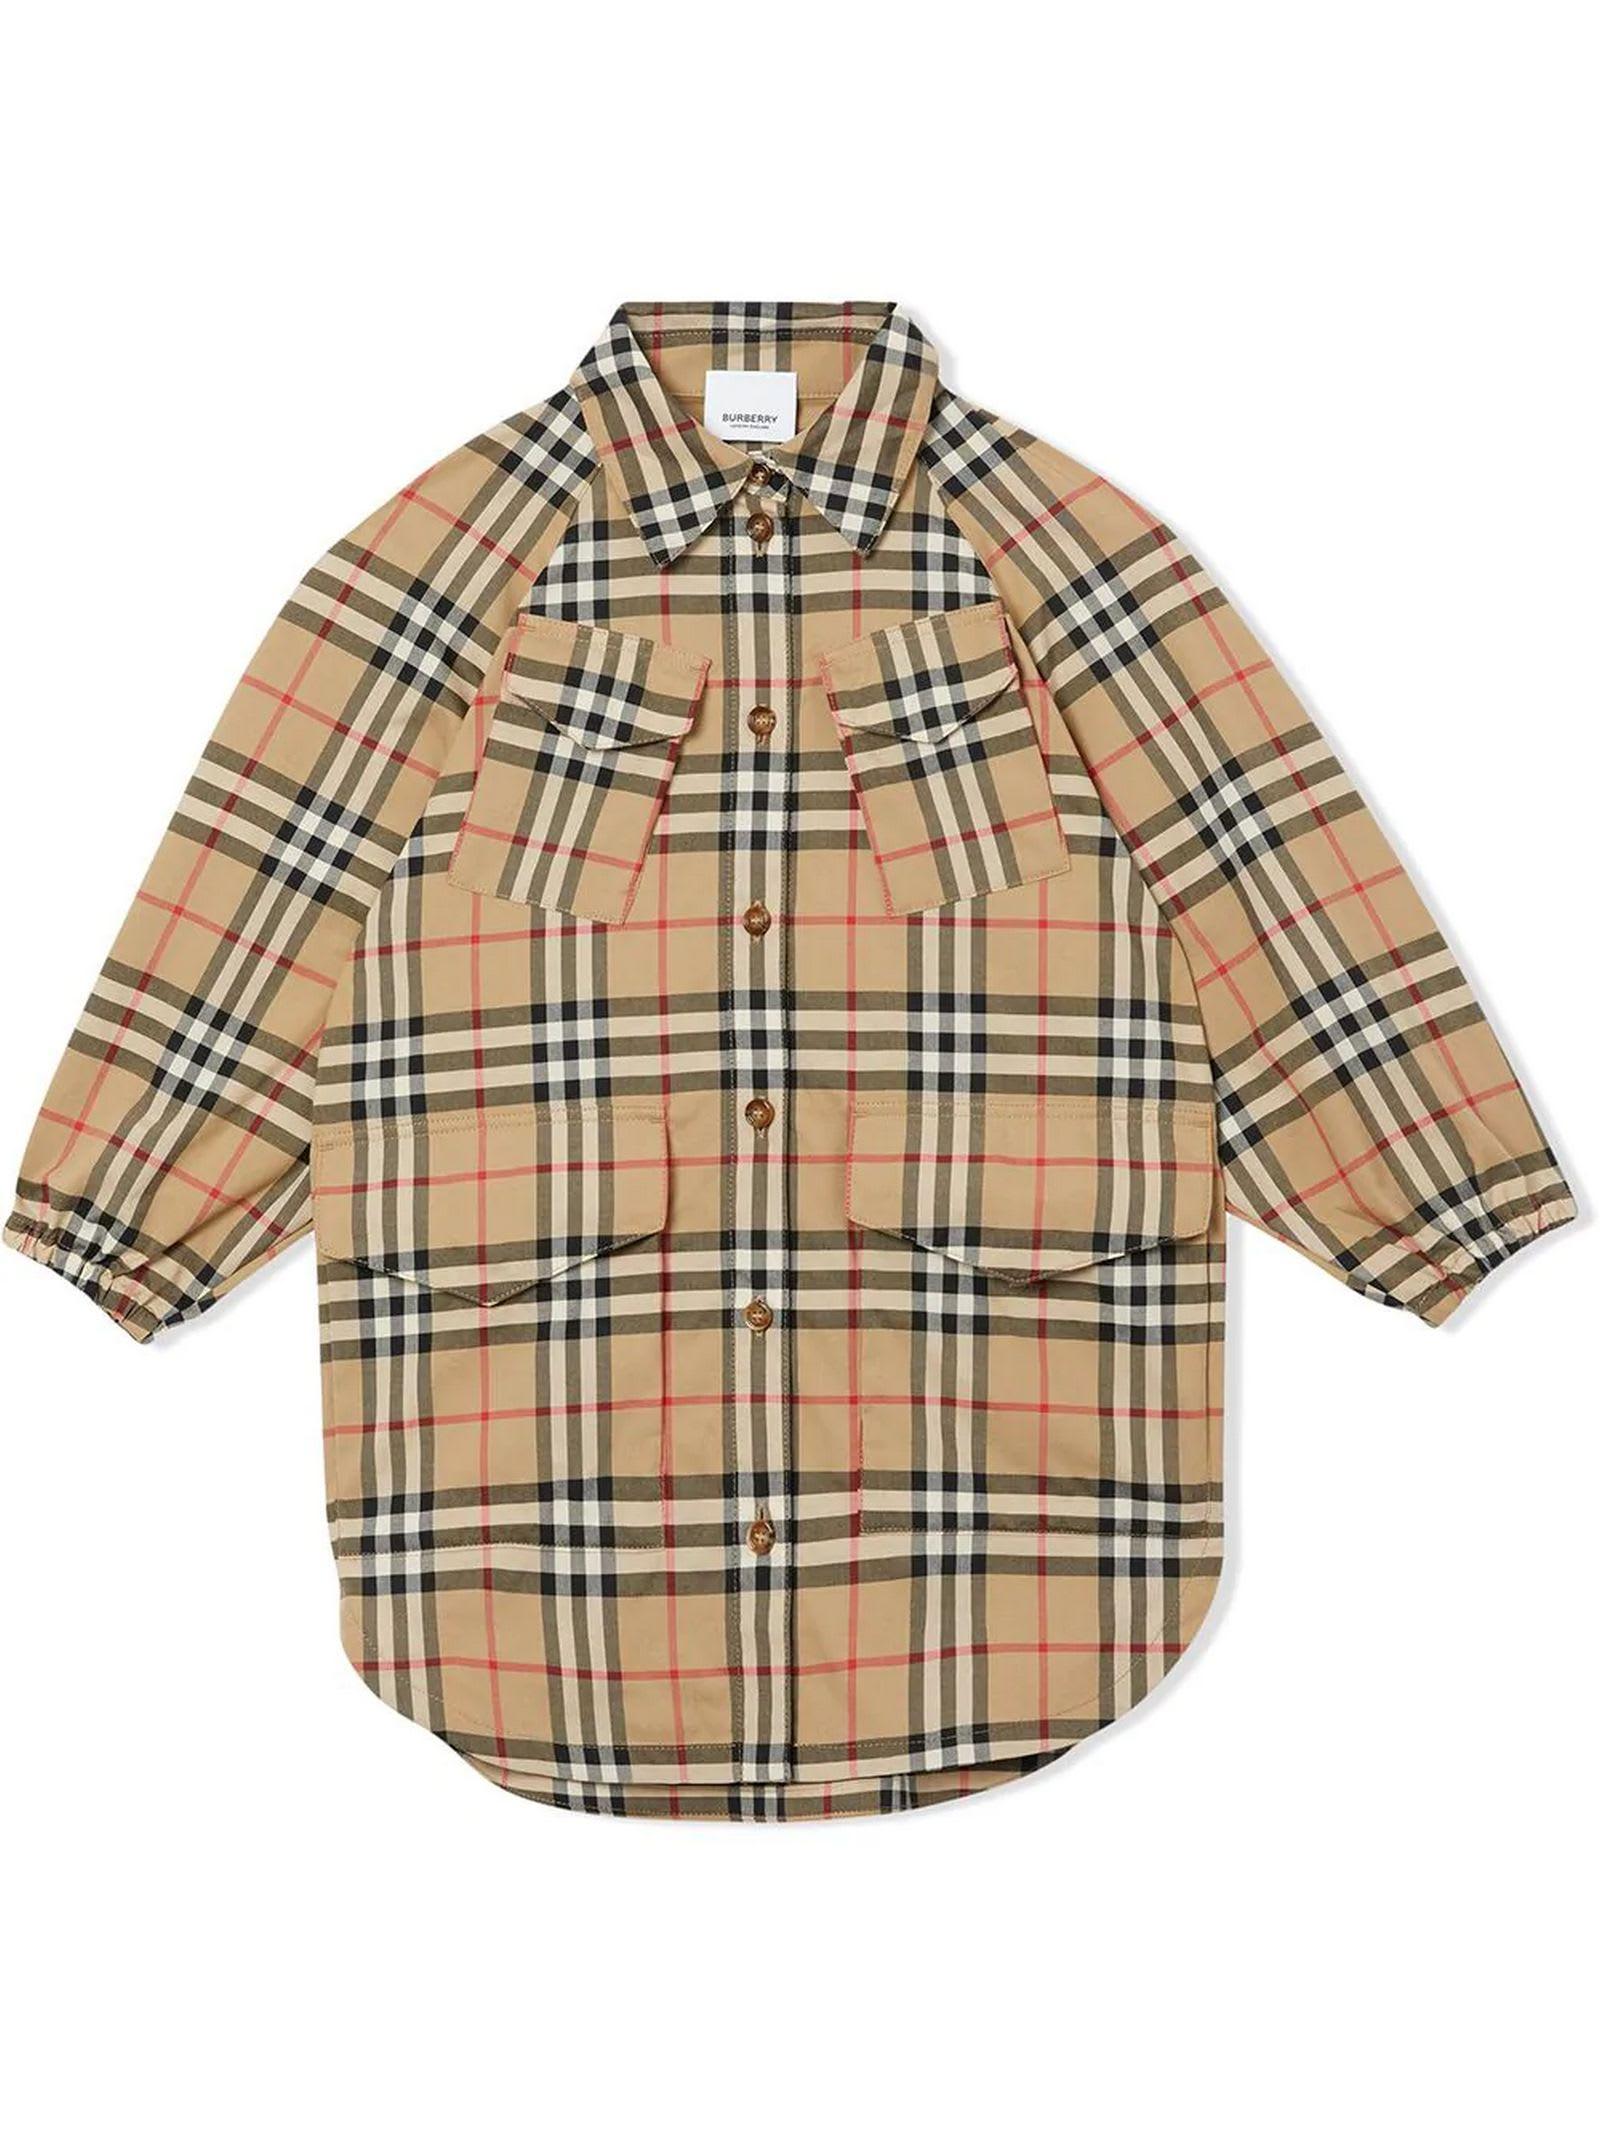 Burberry Beige Cotton Vintage Check Shirt Dress